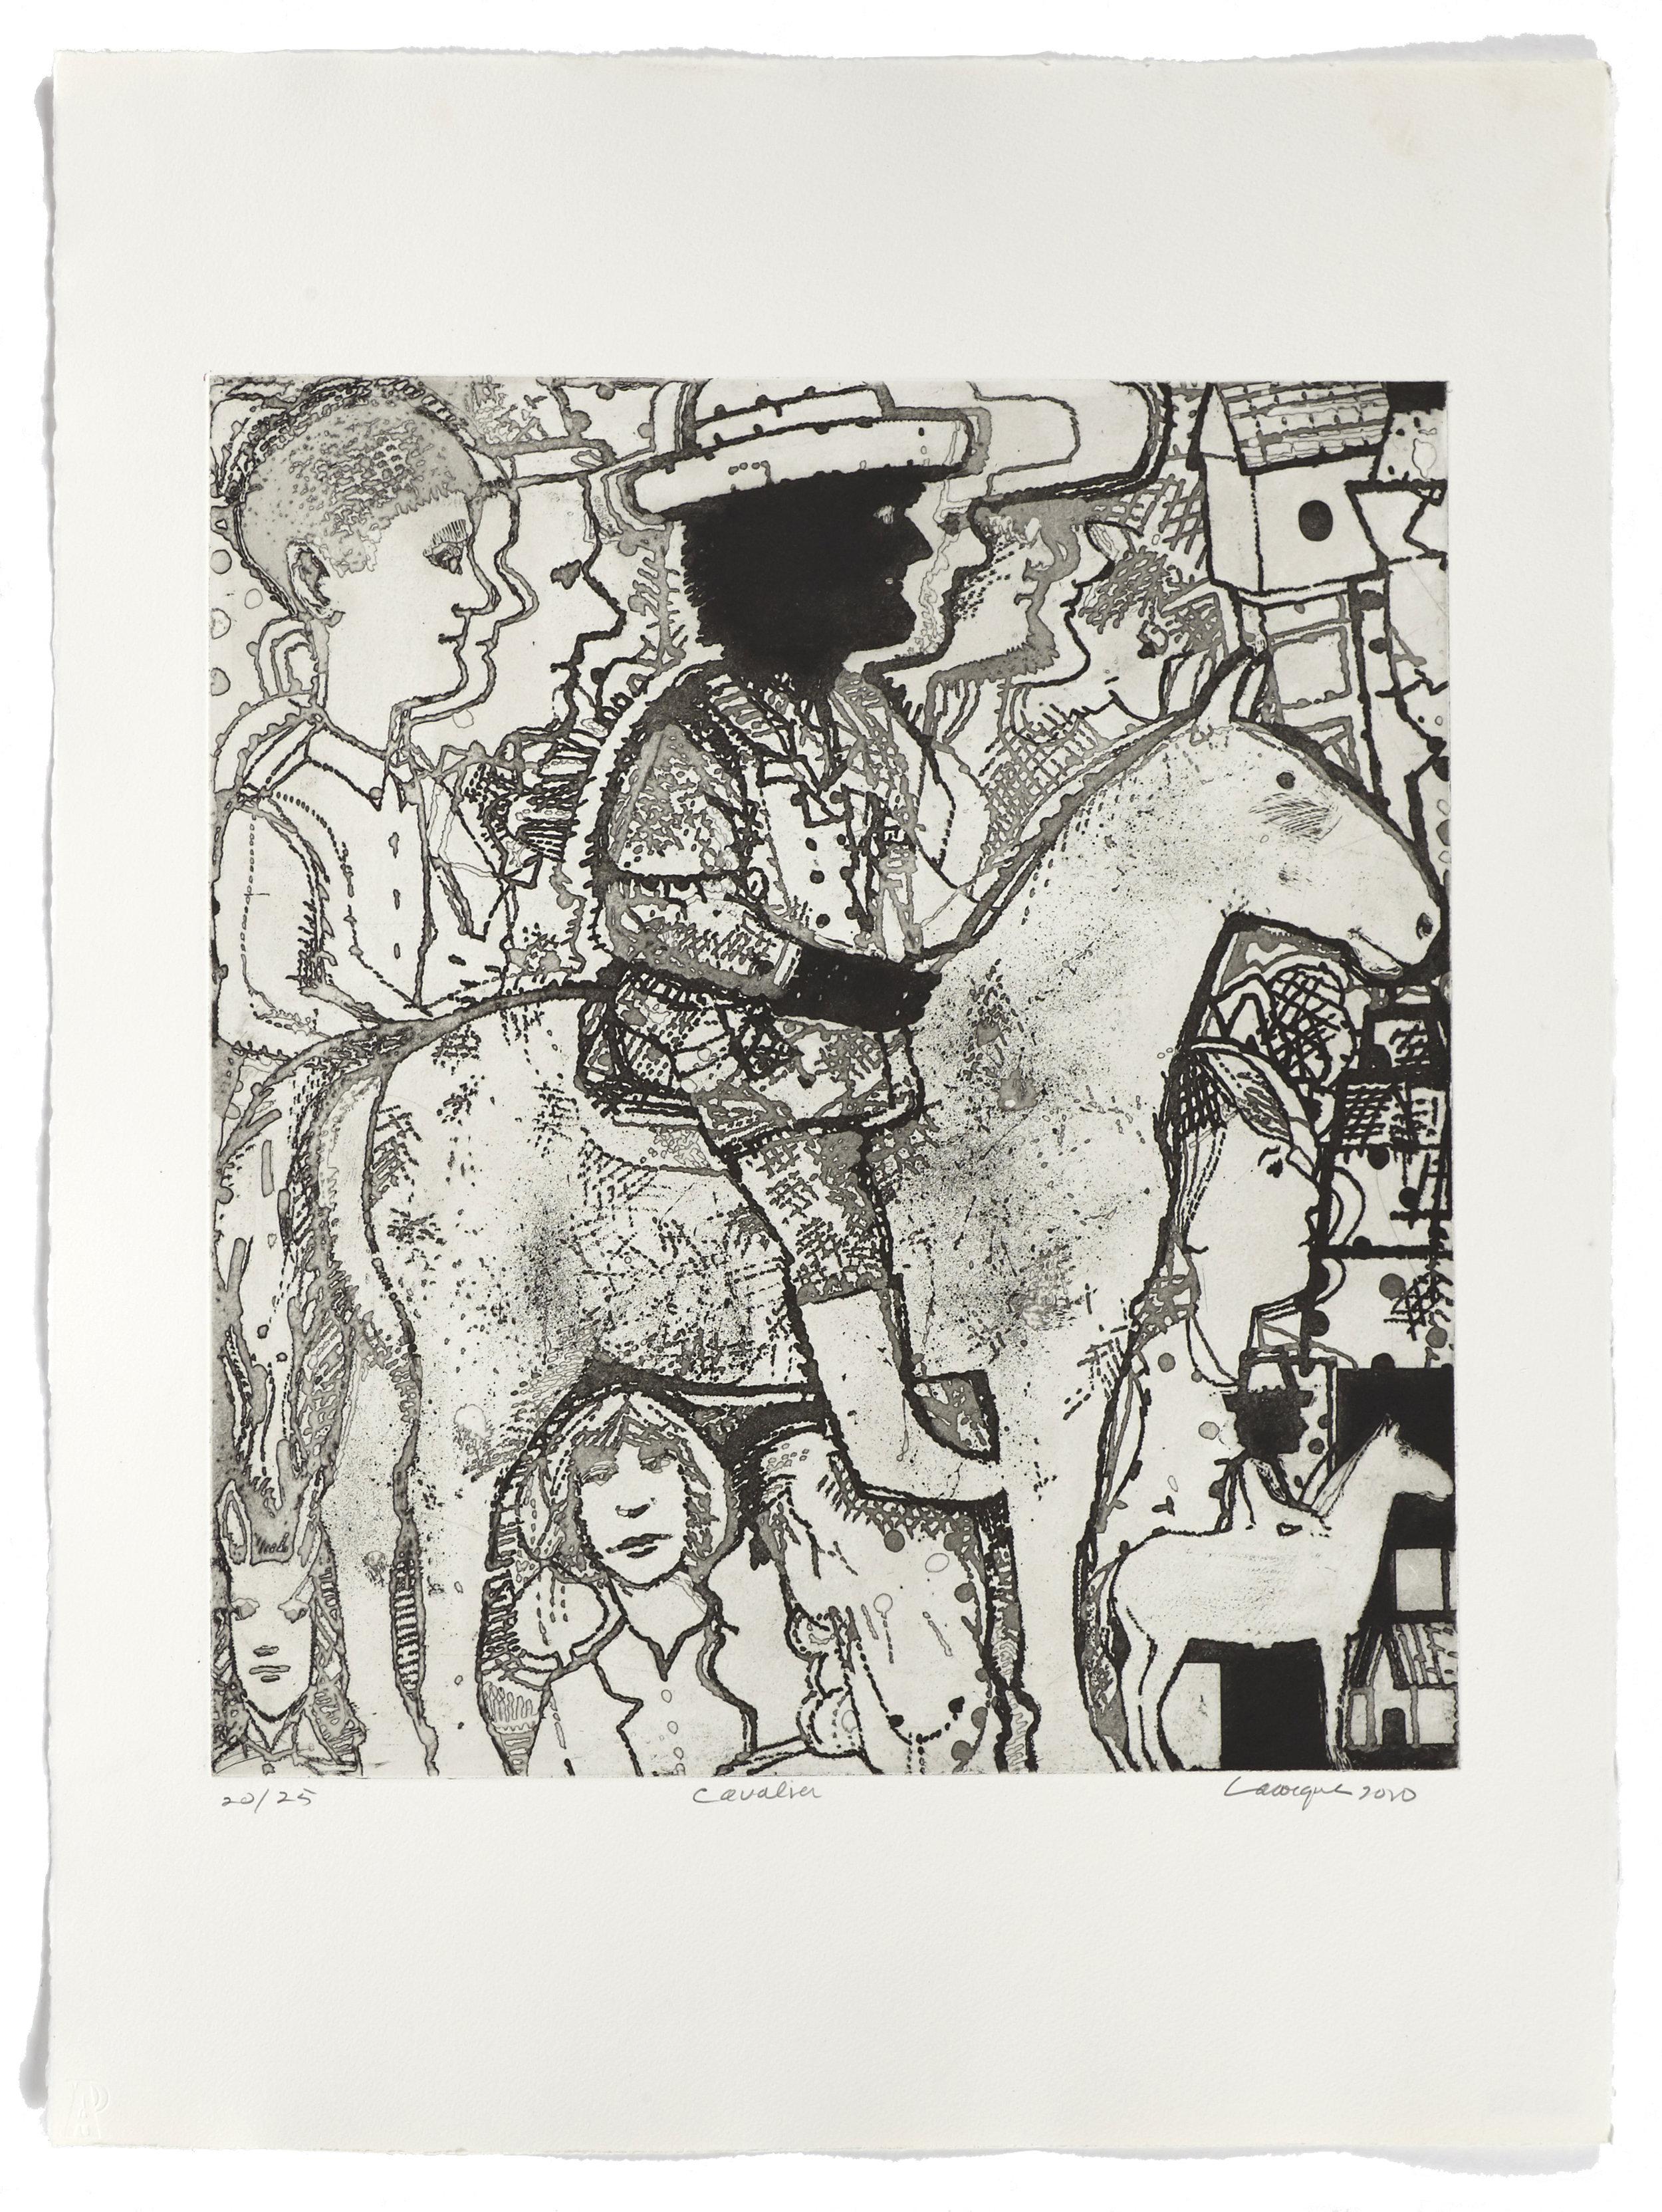 Le cavalier   2010 | 76 x 56cm | Eau-forte | 25 prints | Editor Atelier-Galerie A. Piroir